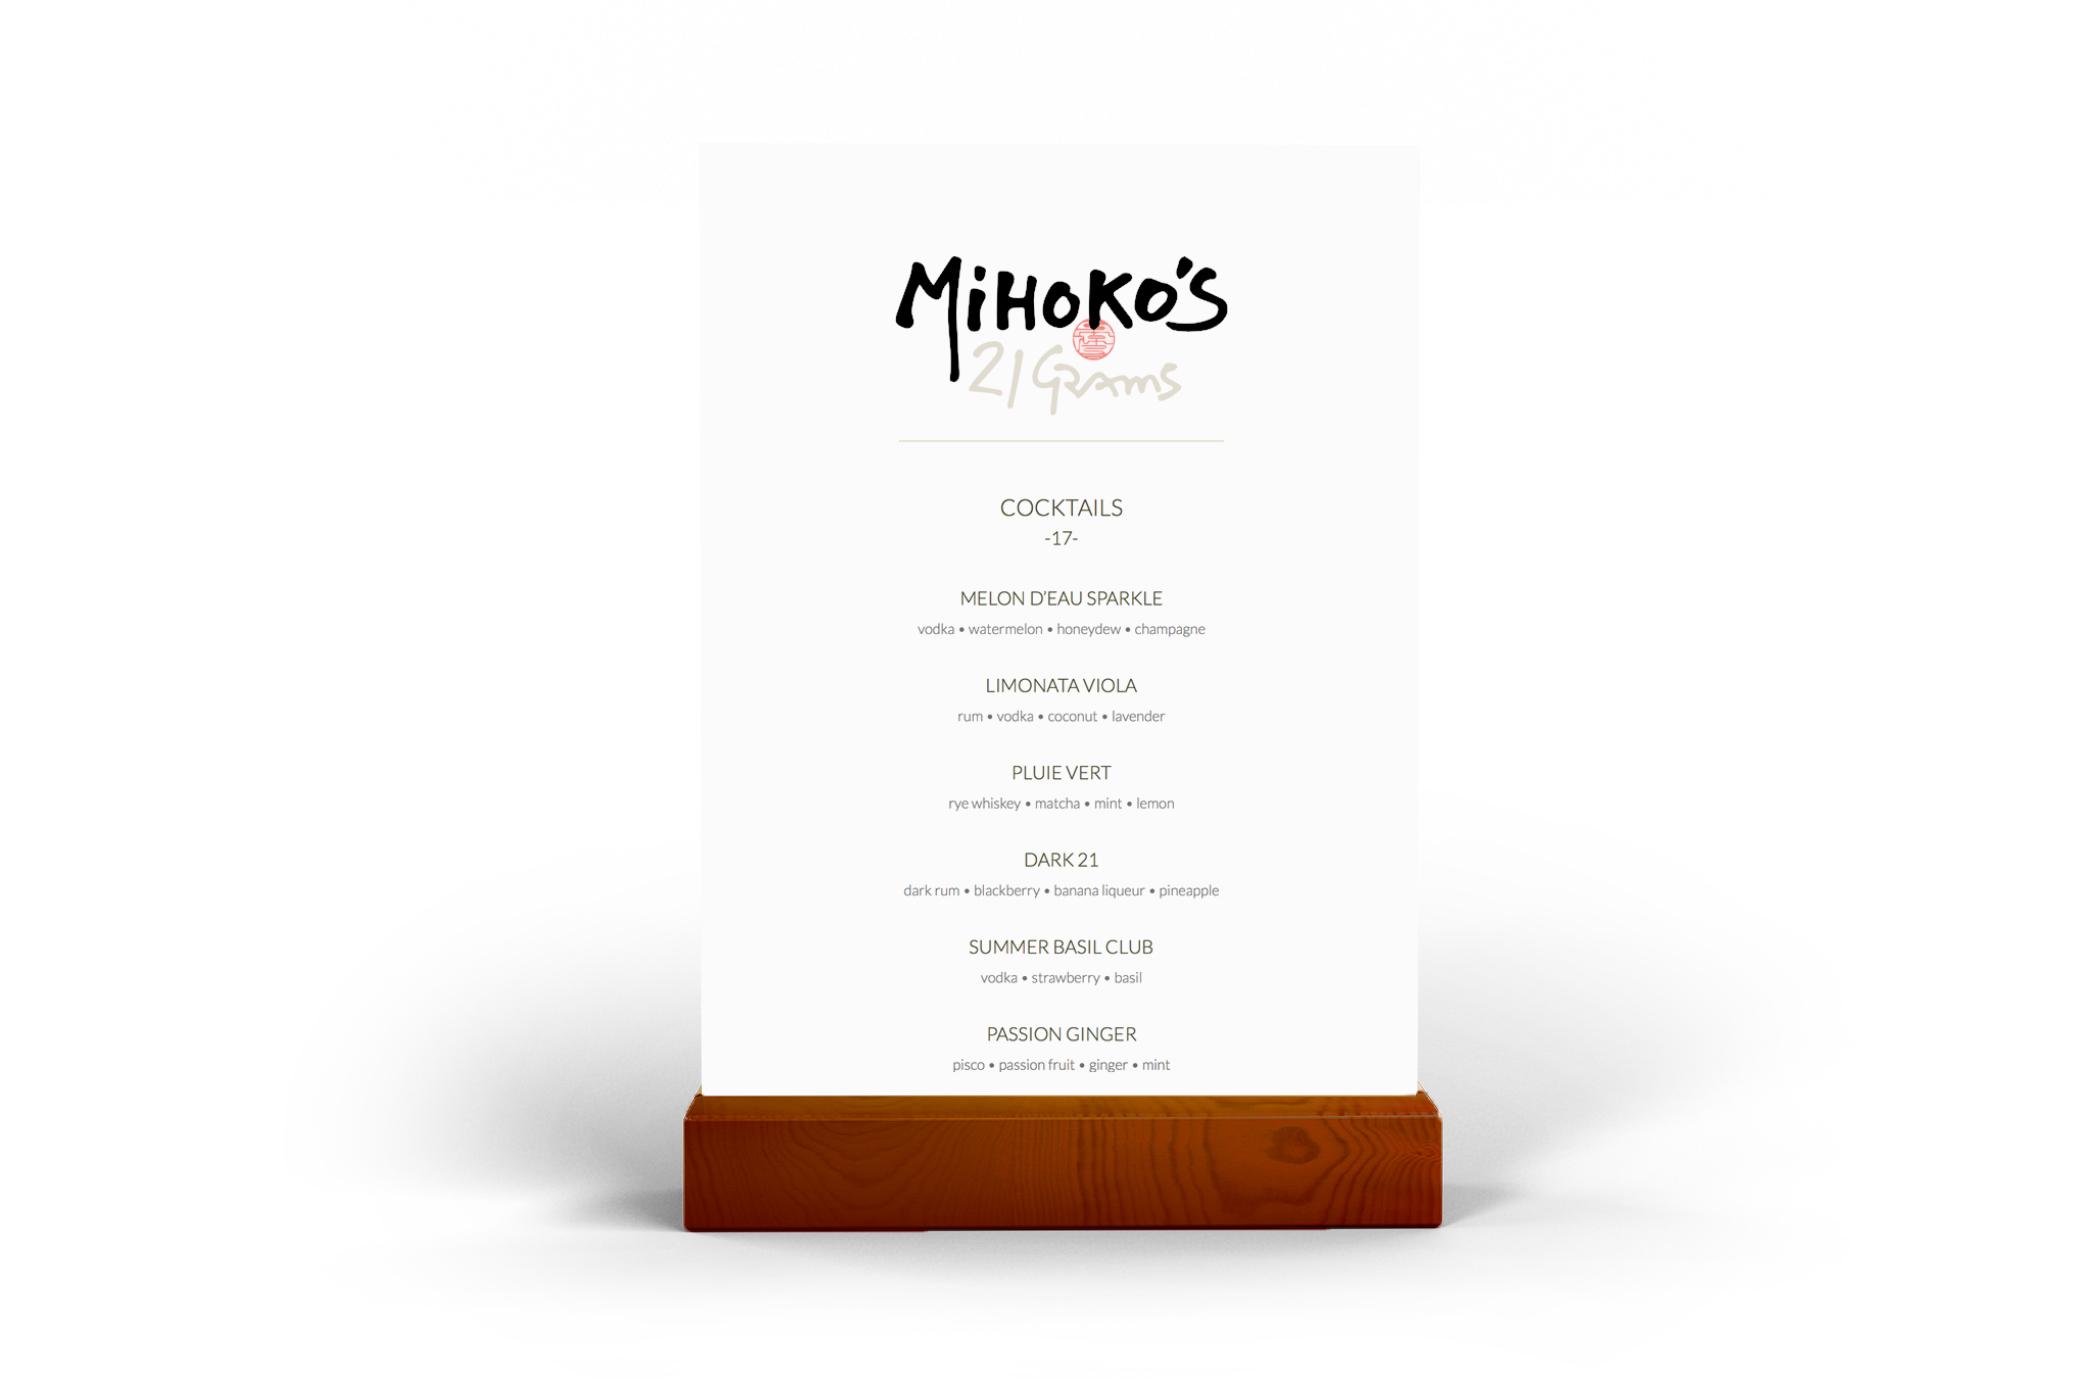 Mihokos.jpg